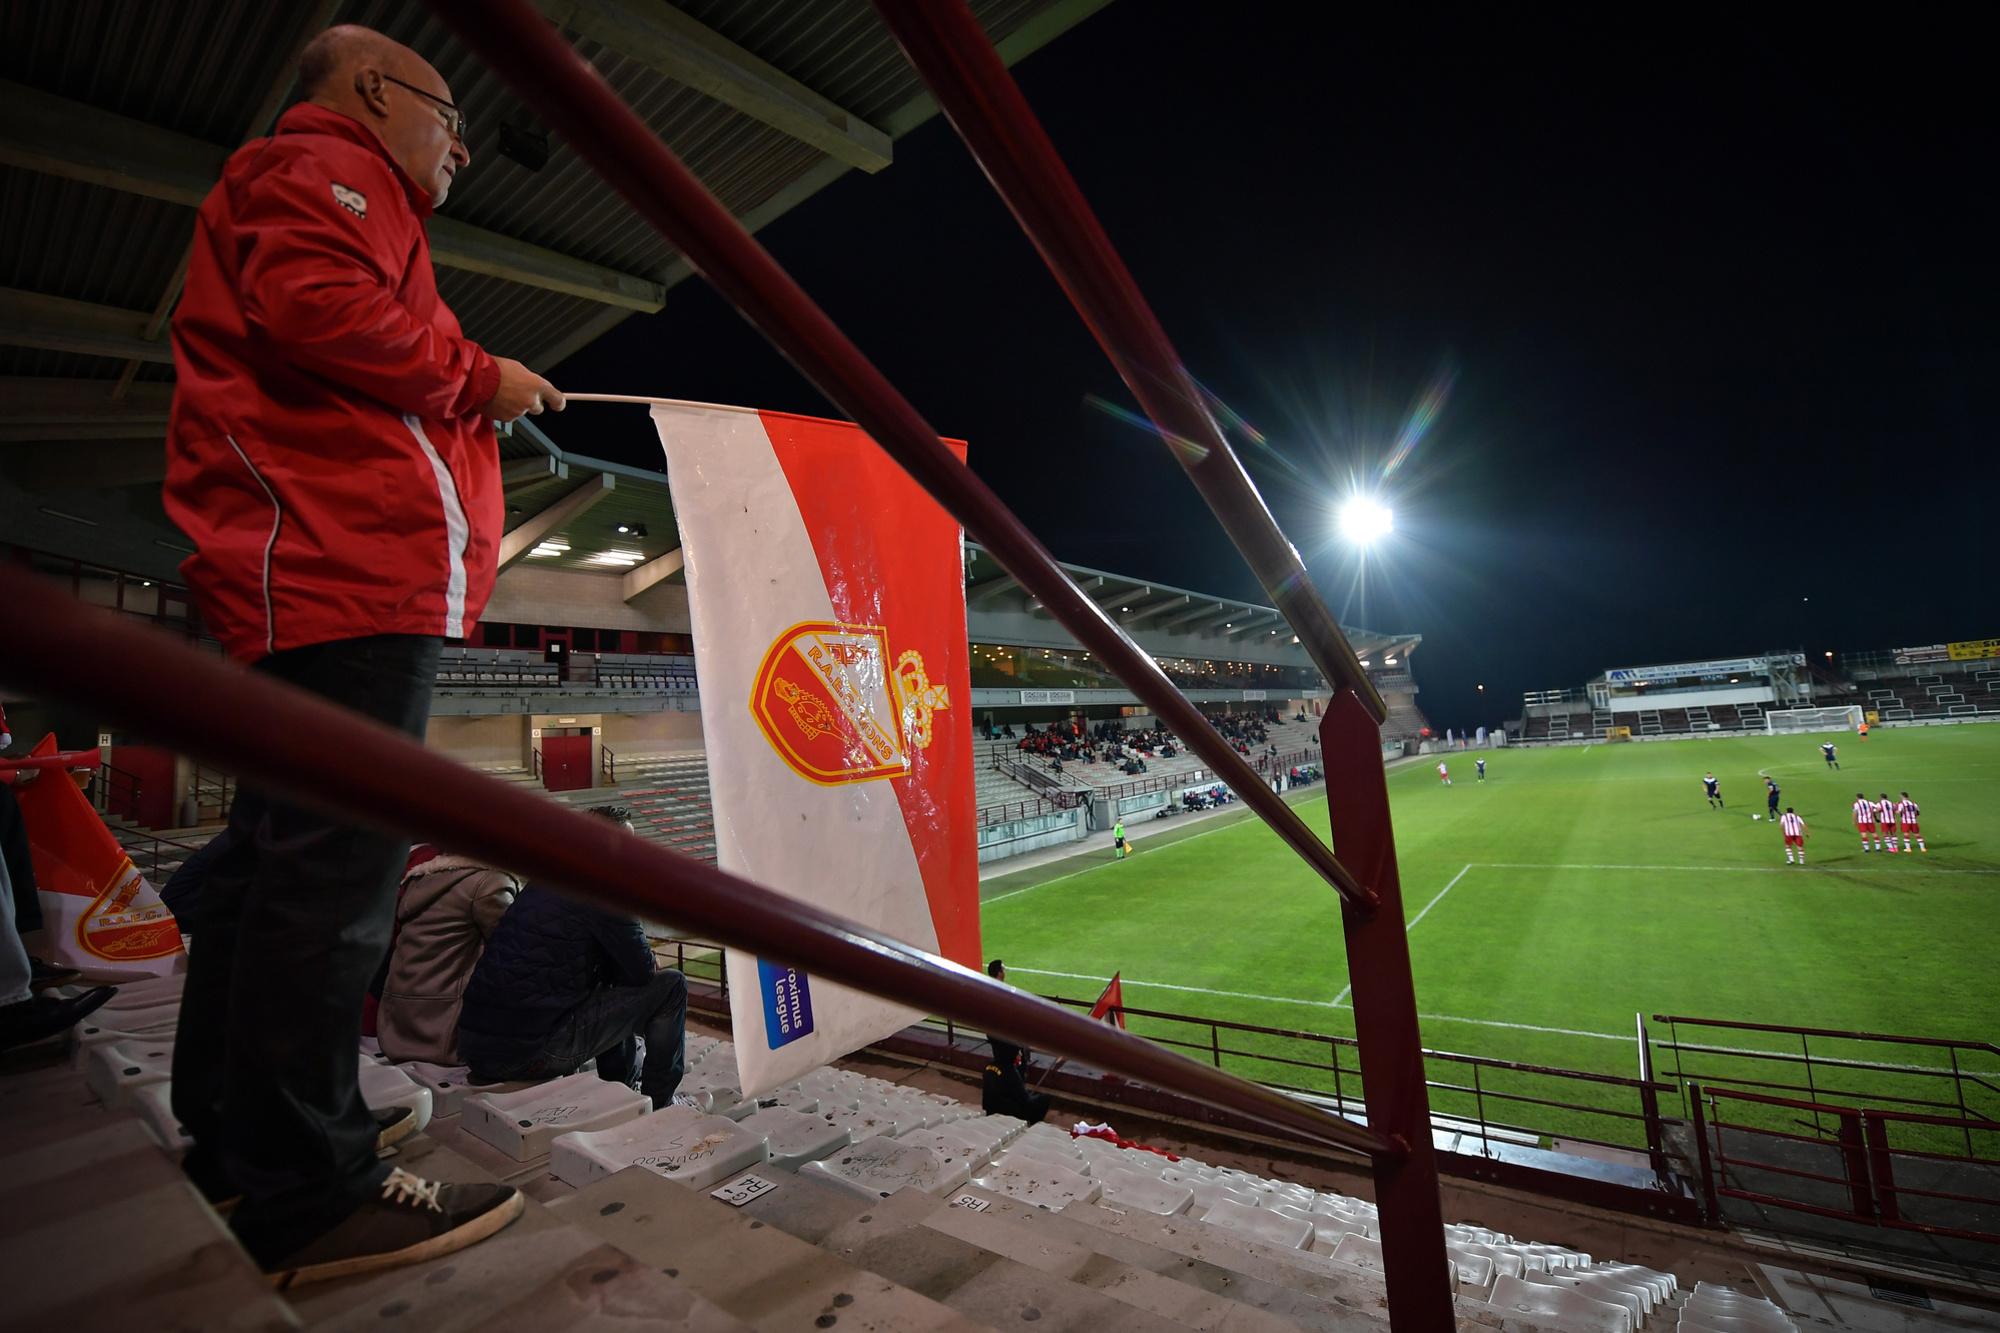 Certains supporters font encore flotter les couleurs du RAEC dans les tribunes du Tondreau., belga